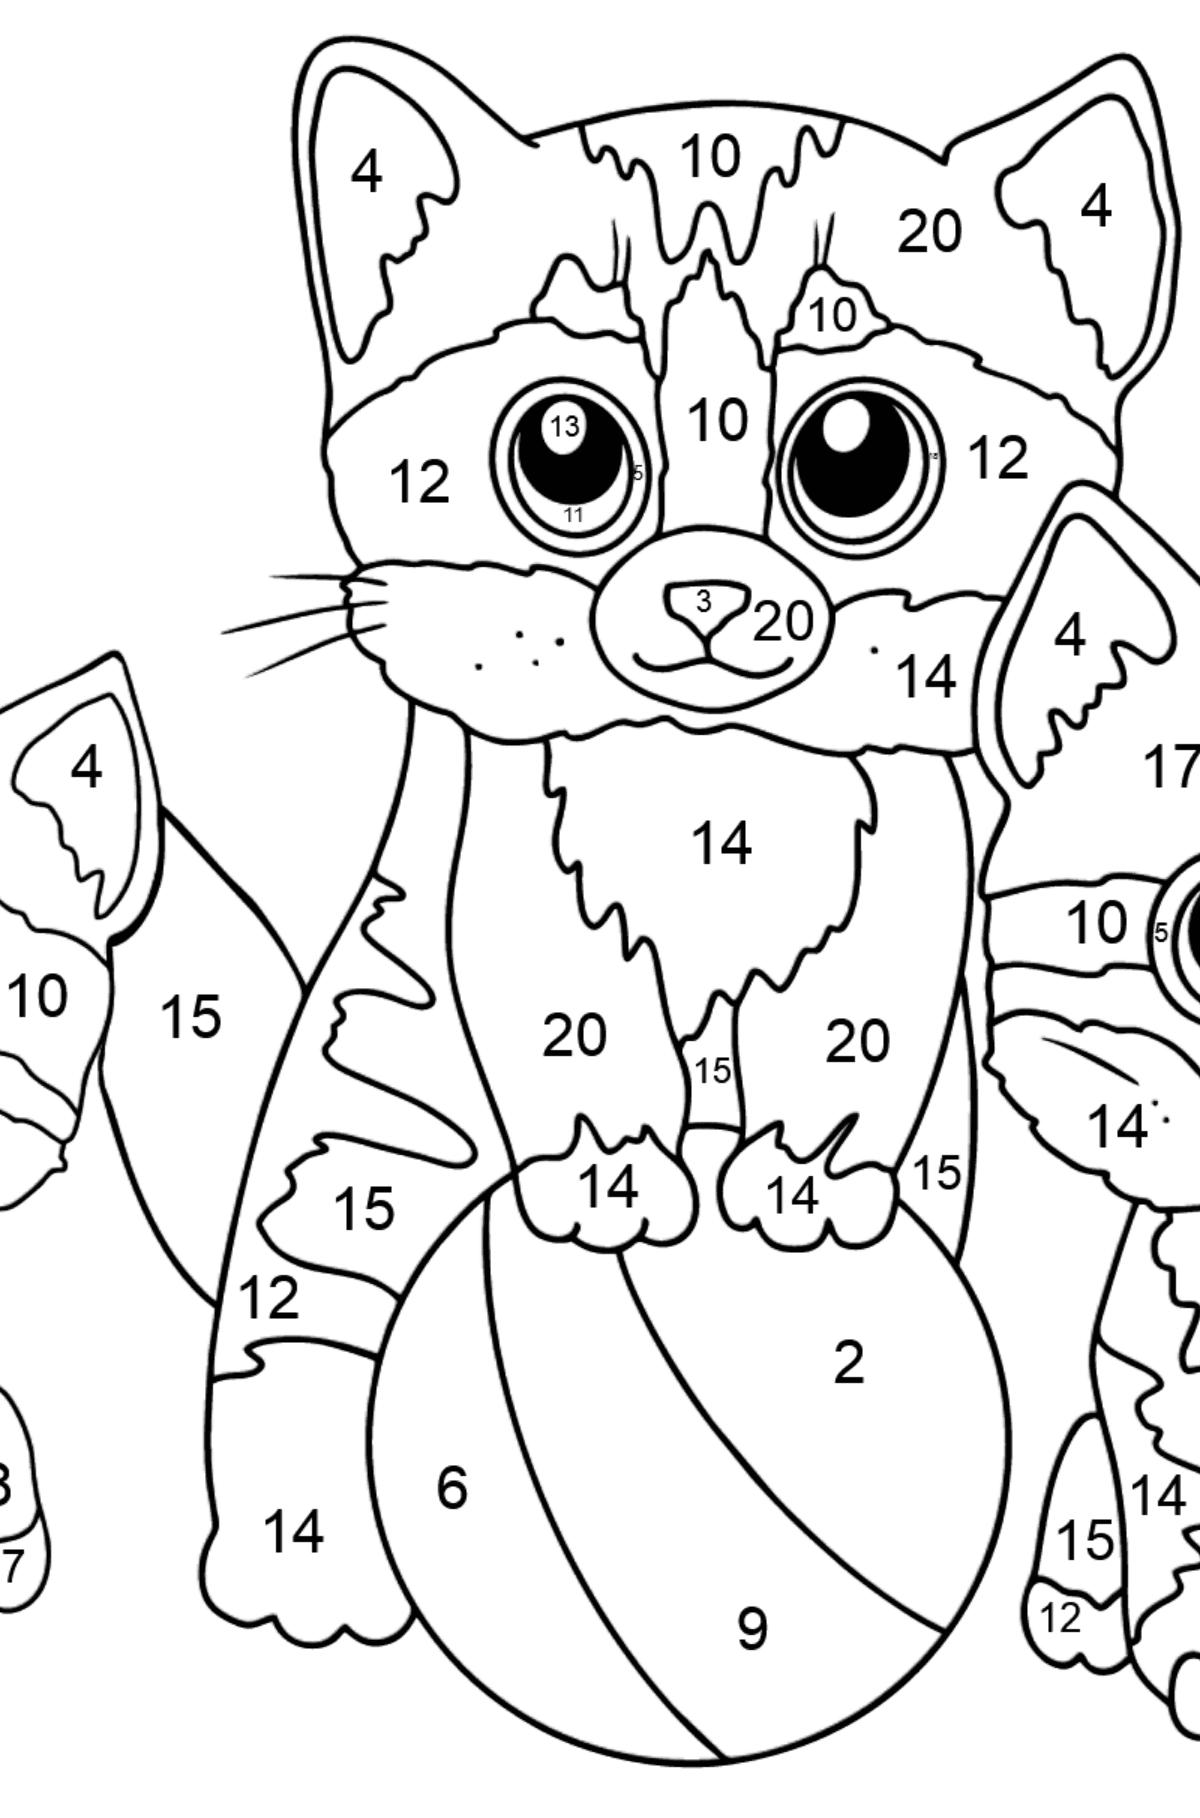 Bild zum Ausmalen - Drei Kätzchen spielen zusammen mit einem Ball  - Malen nach Zahlen für Kinder